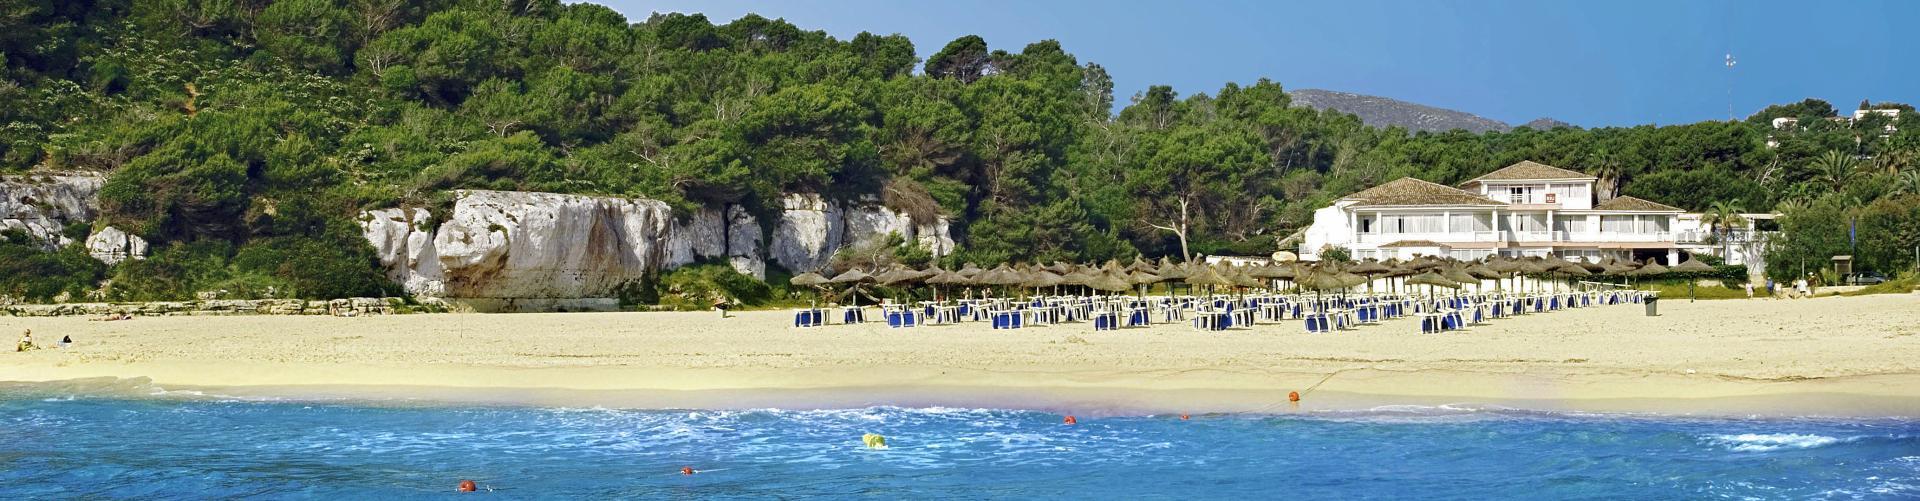 RIU Romantica, Mallorca